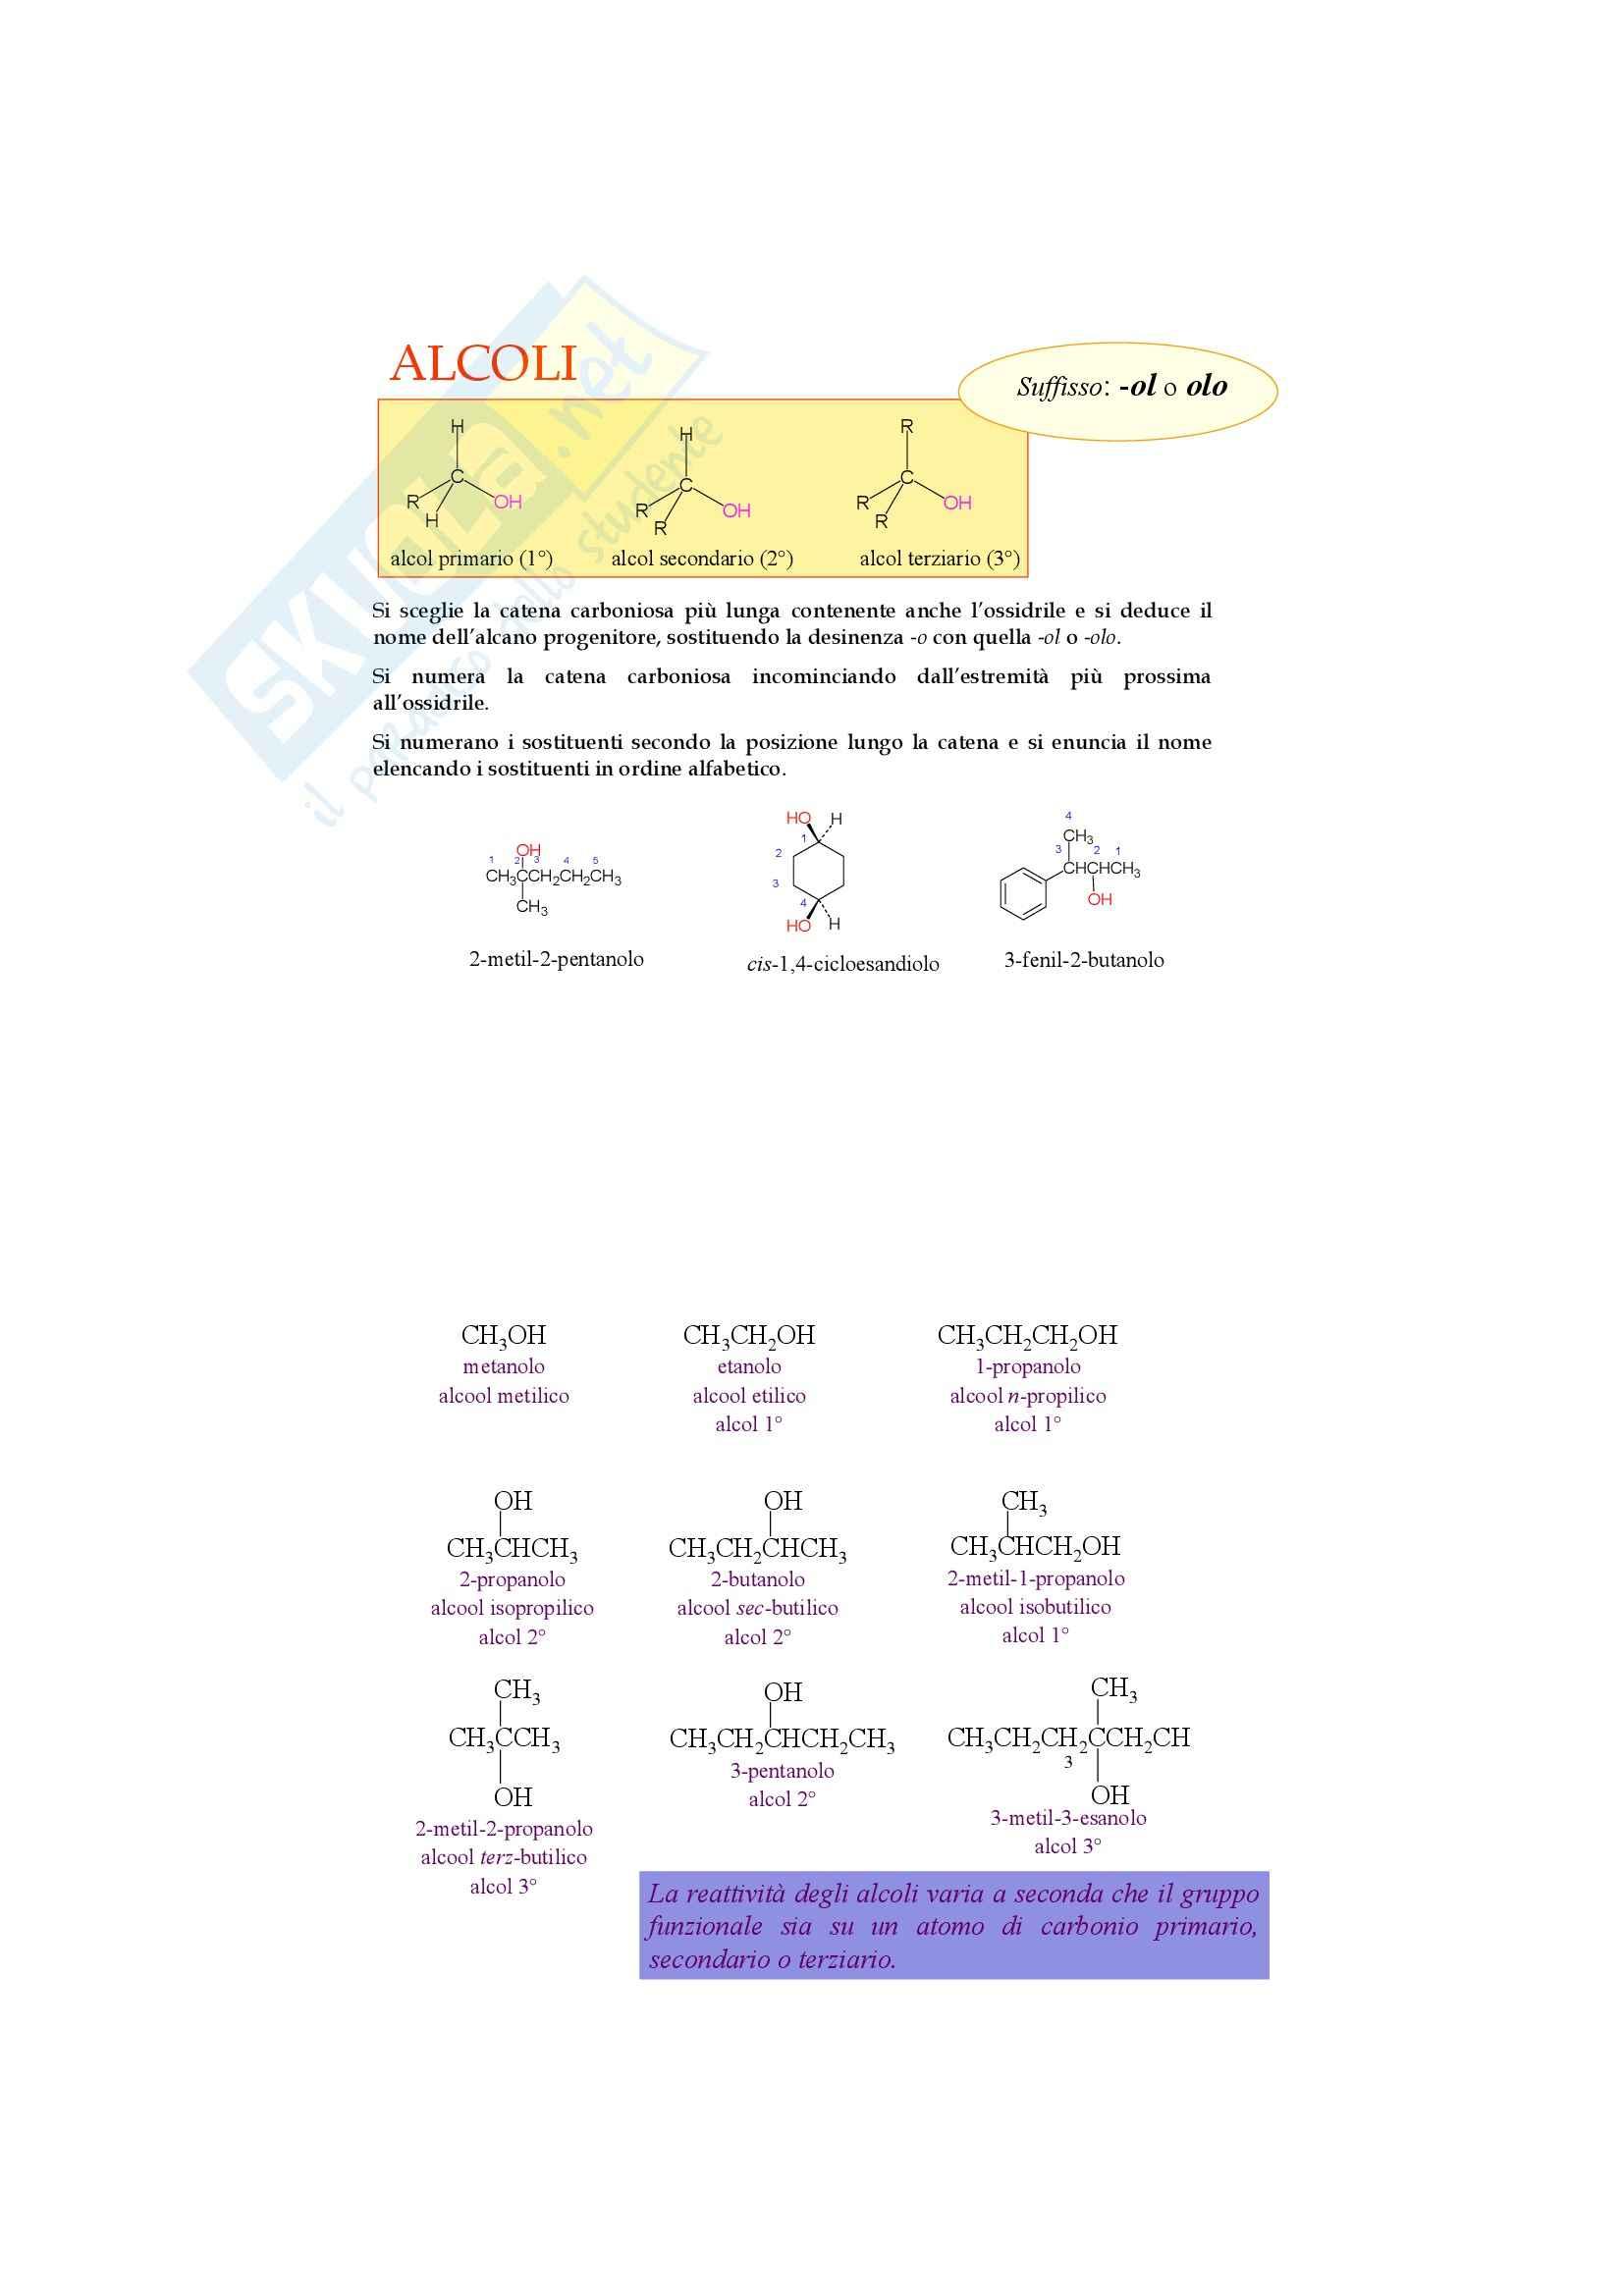 Chimica organica - alcoli e eteri